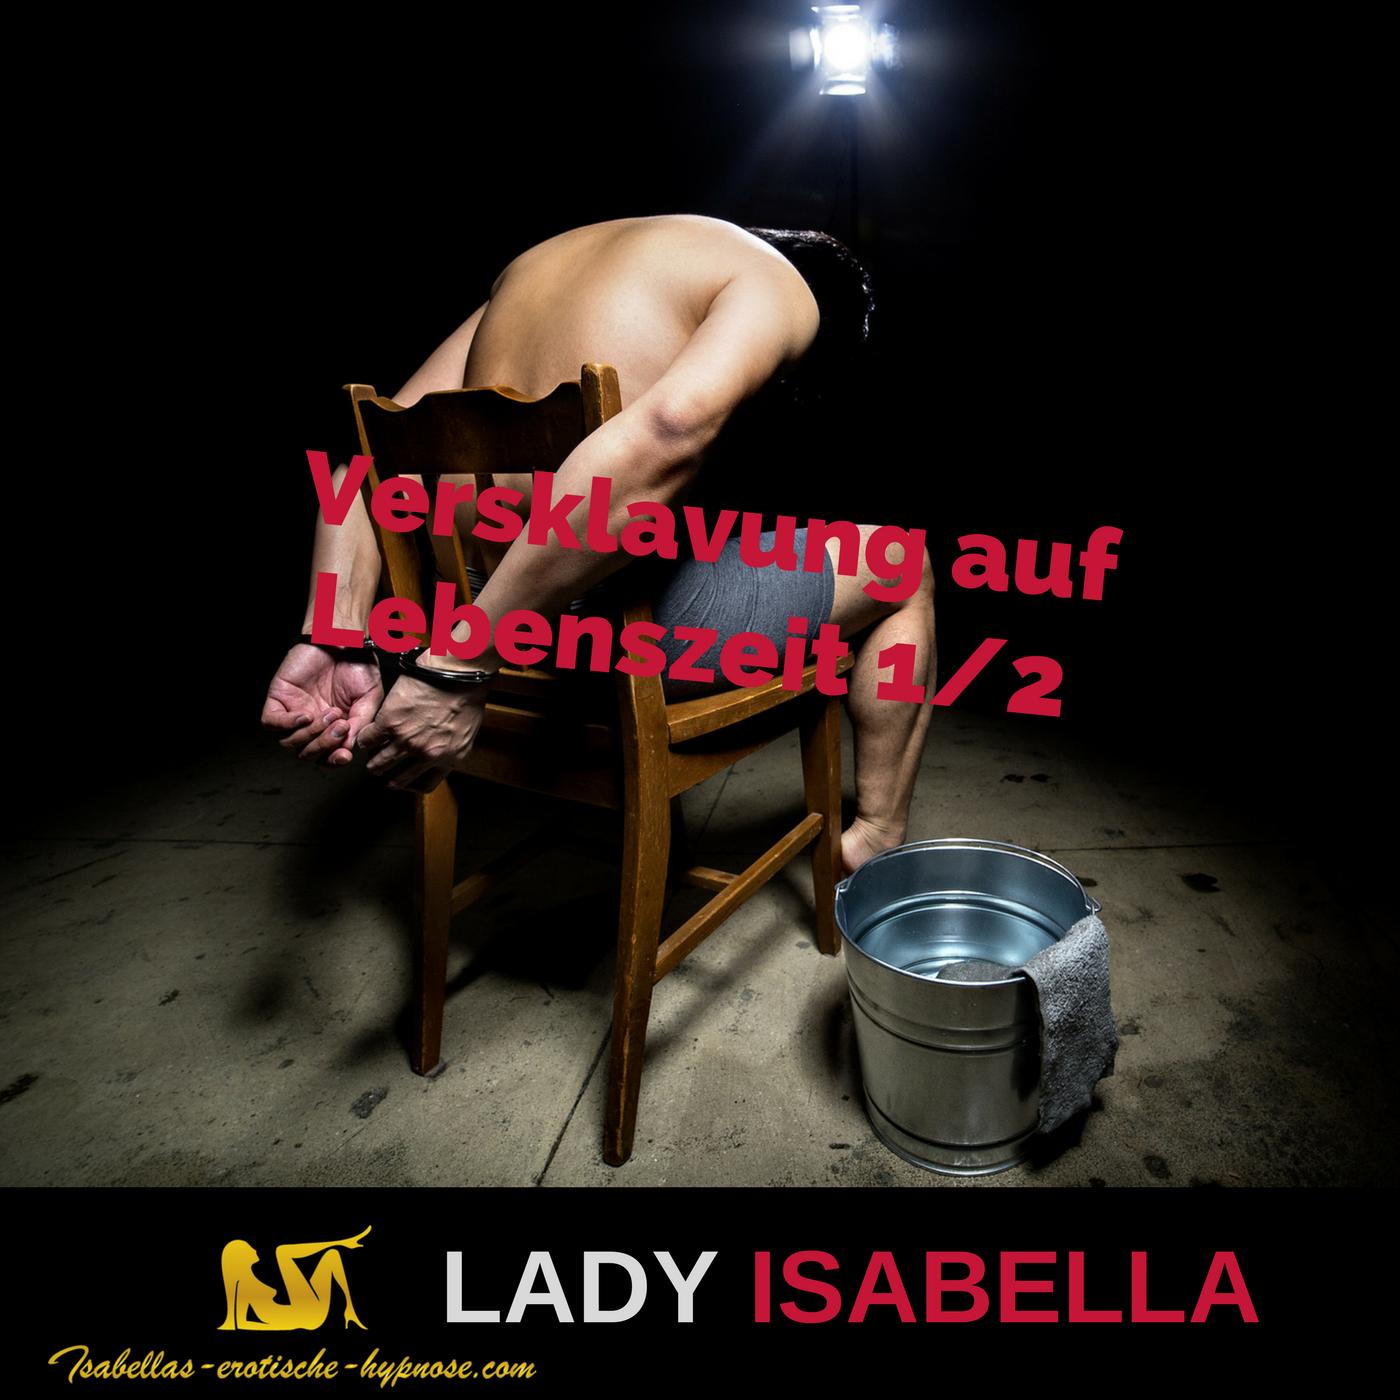 Versklavung auf Lebenszeit 1/2 by Lady Isabella